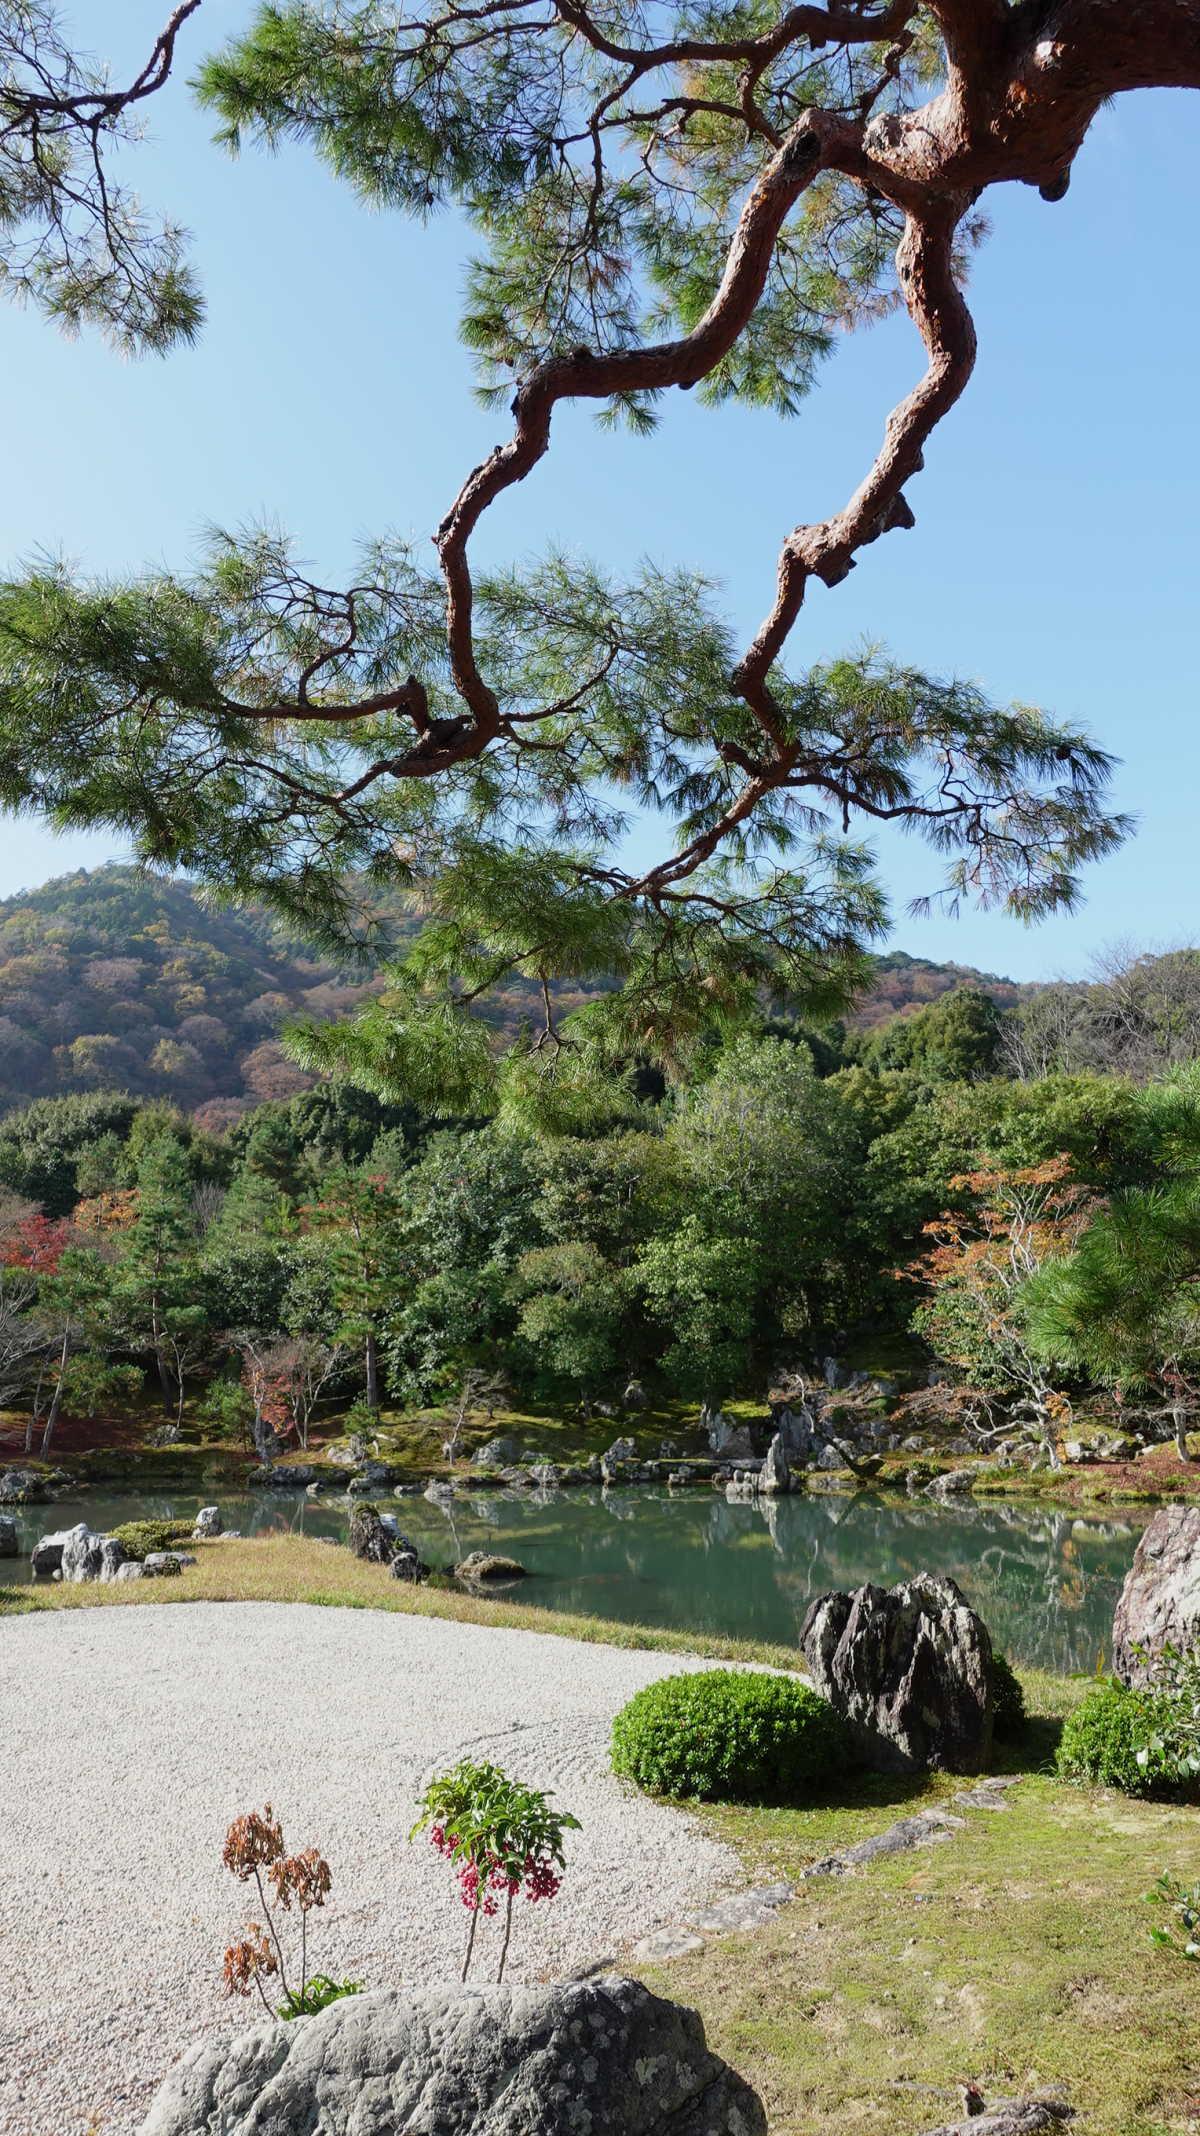 庭園が世界遺産に登録されている天龍寺にて京都の紅葉を味わう - TRIPROUD